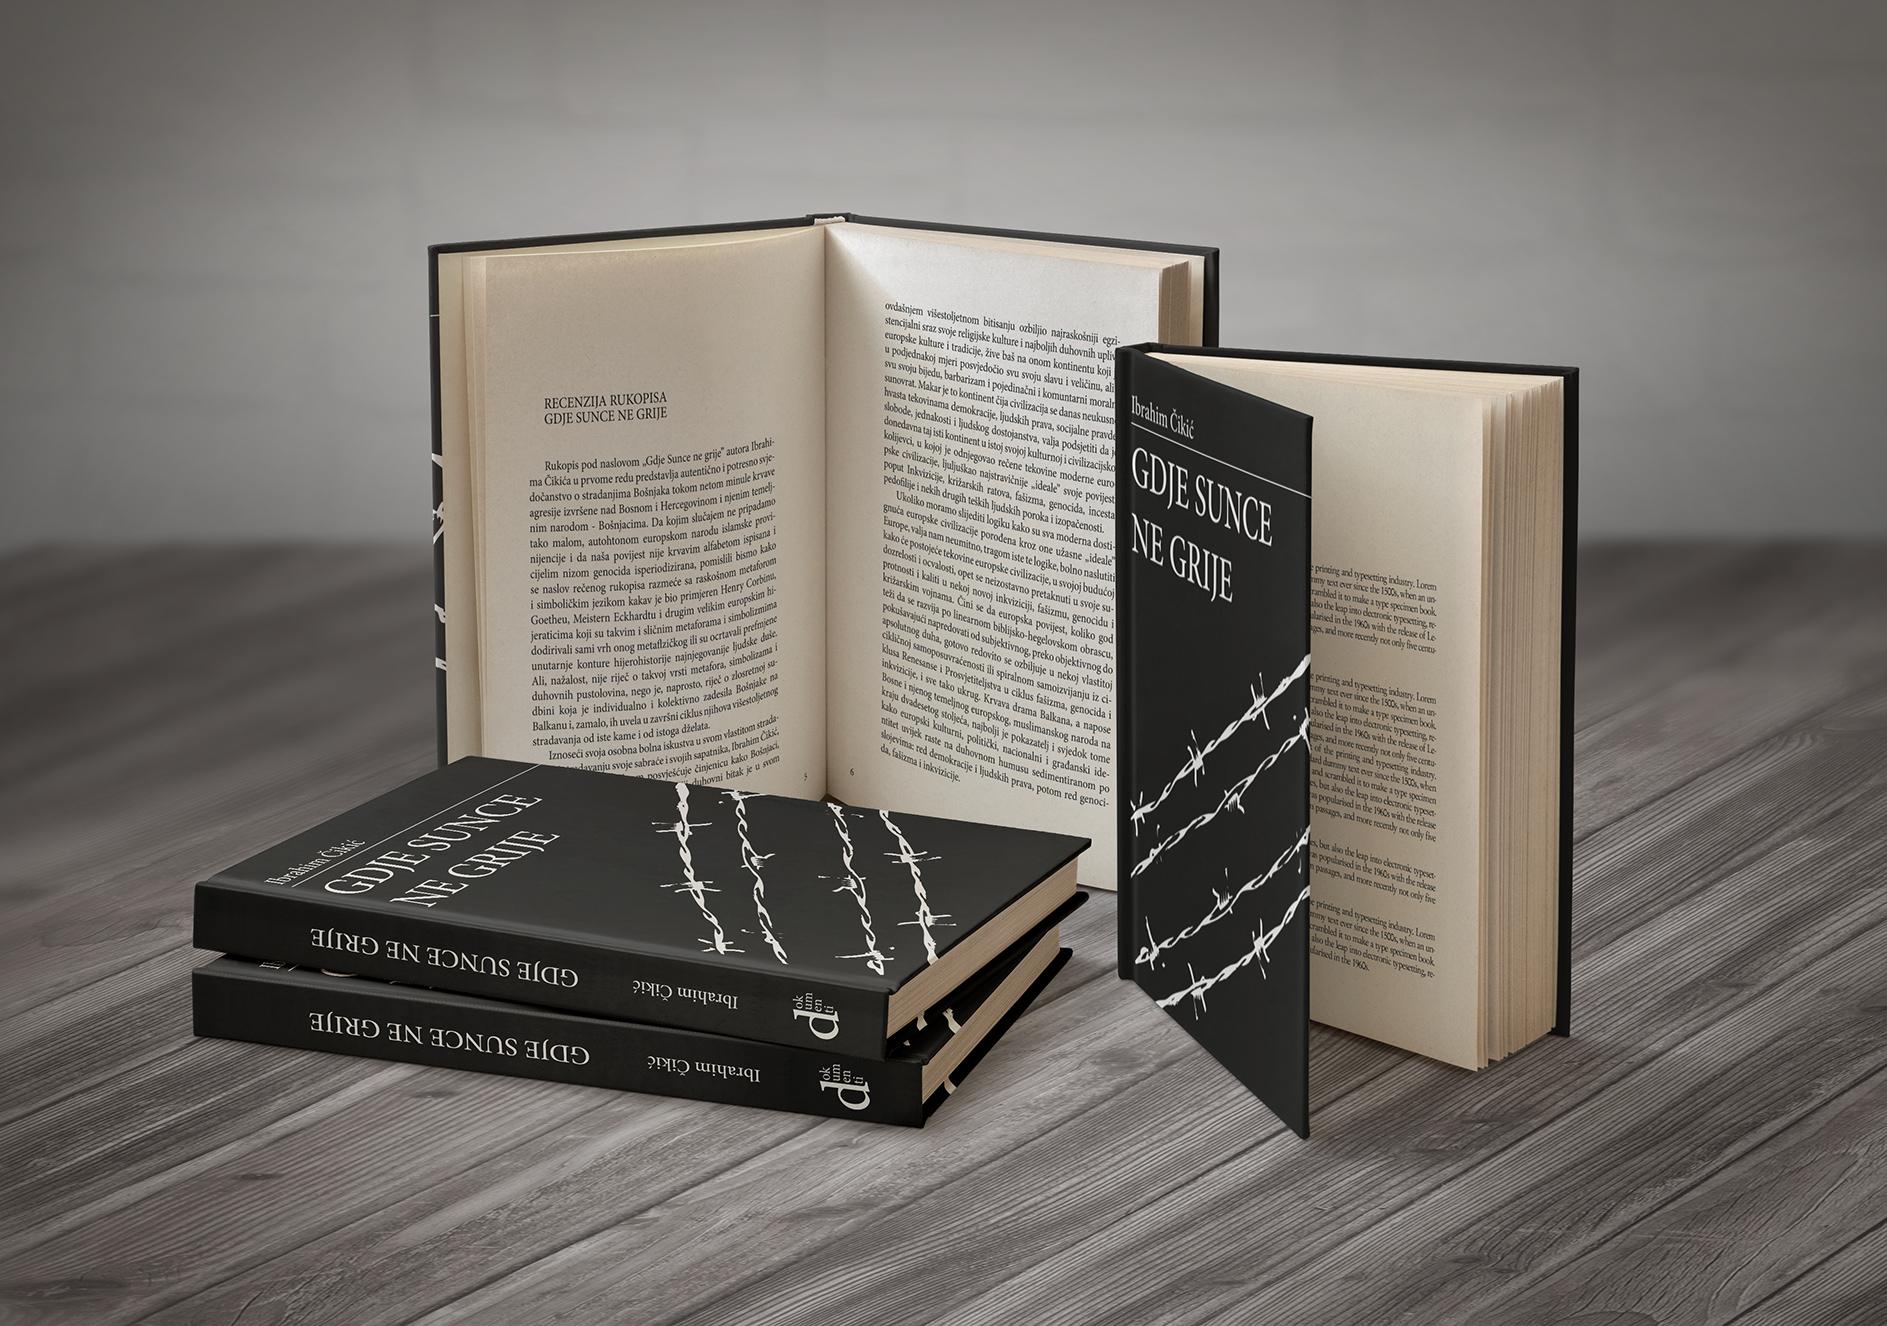 knjiga gdje-sunce-ne-grije